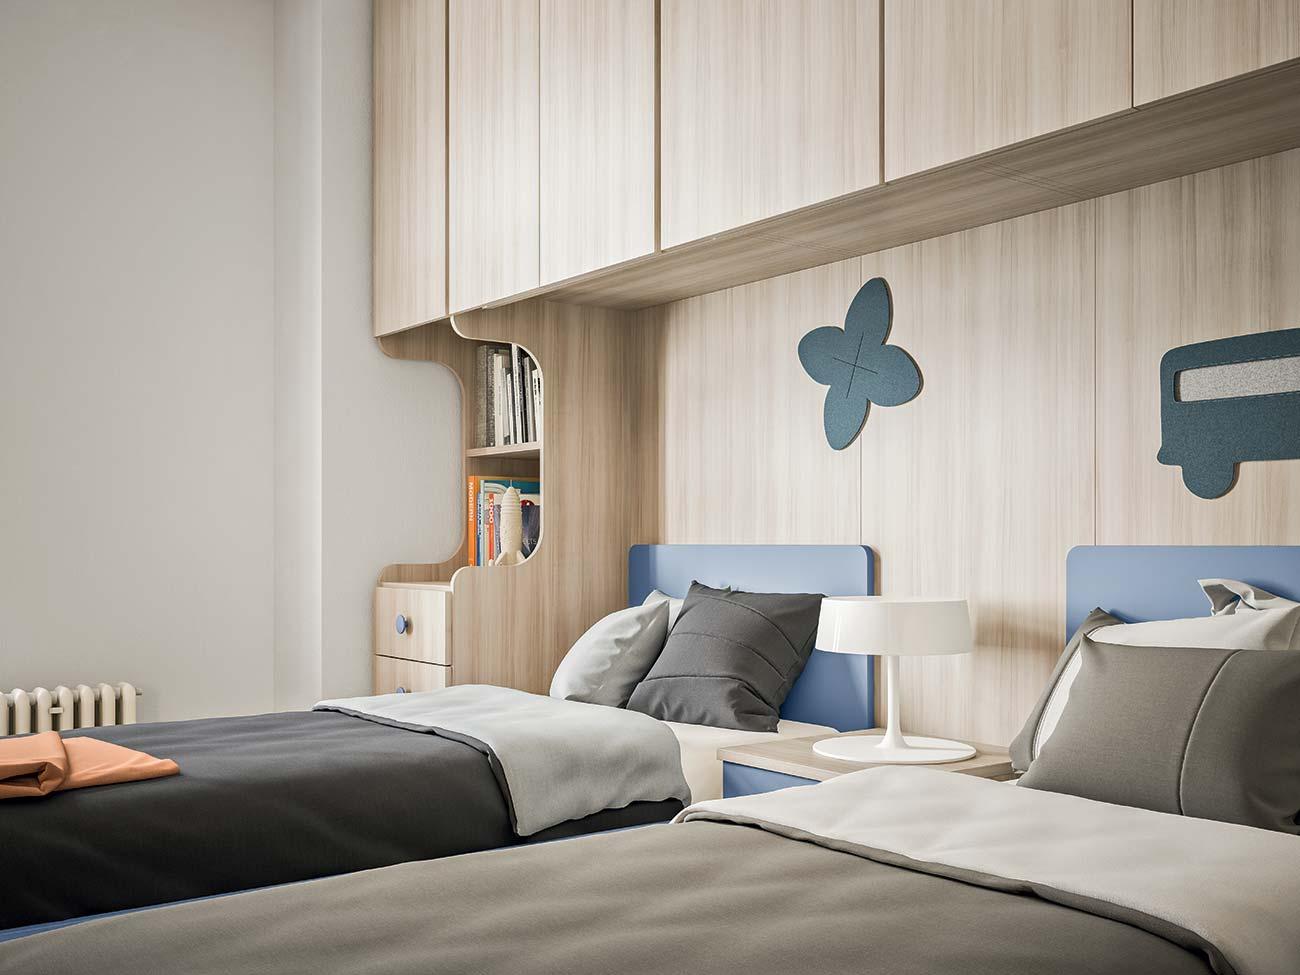 Cameretta Con Divano Letto.Camerette Con Letti A Ponte Mab Home Furniture